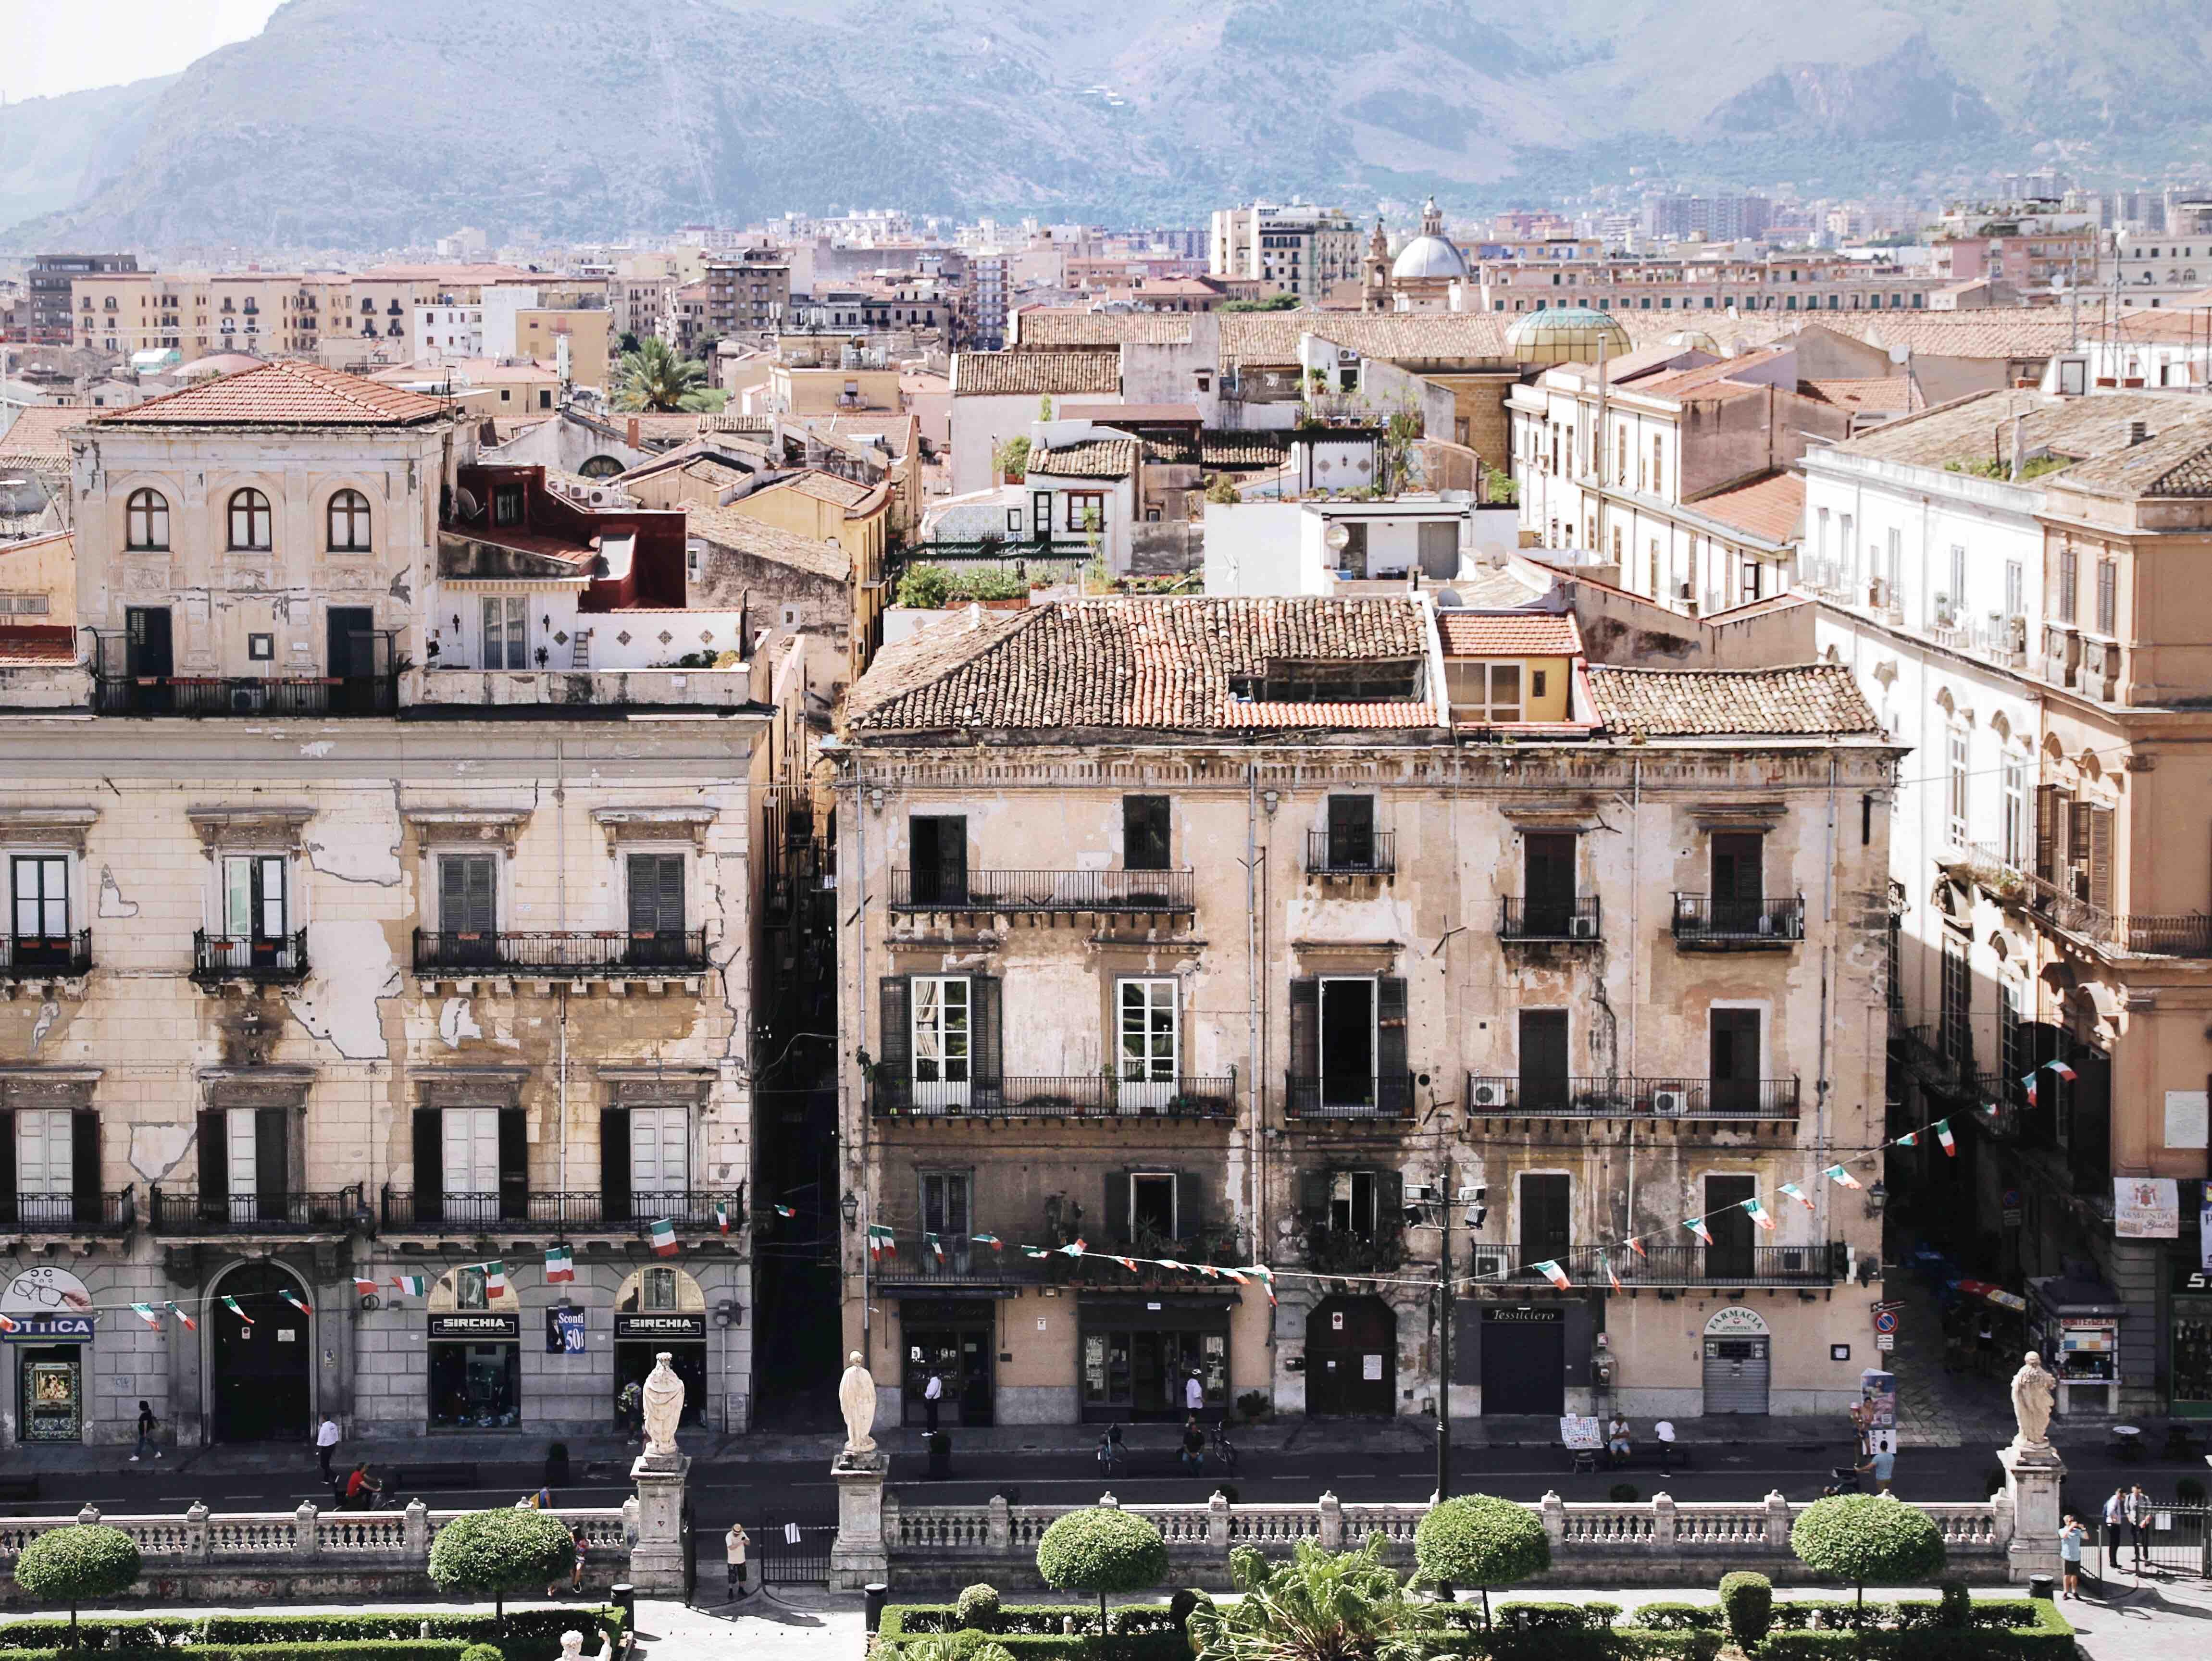 8 cose da vedere a Palermo: il tetto della Cattedrale